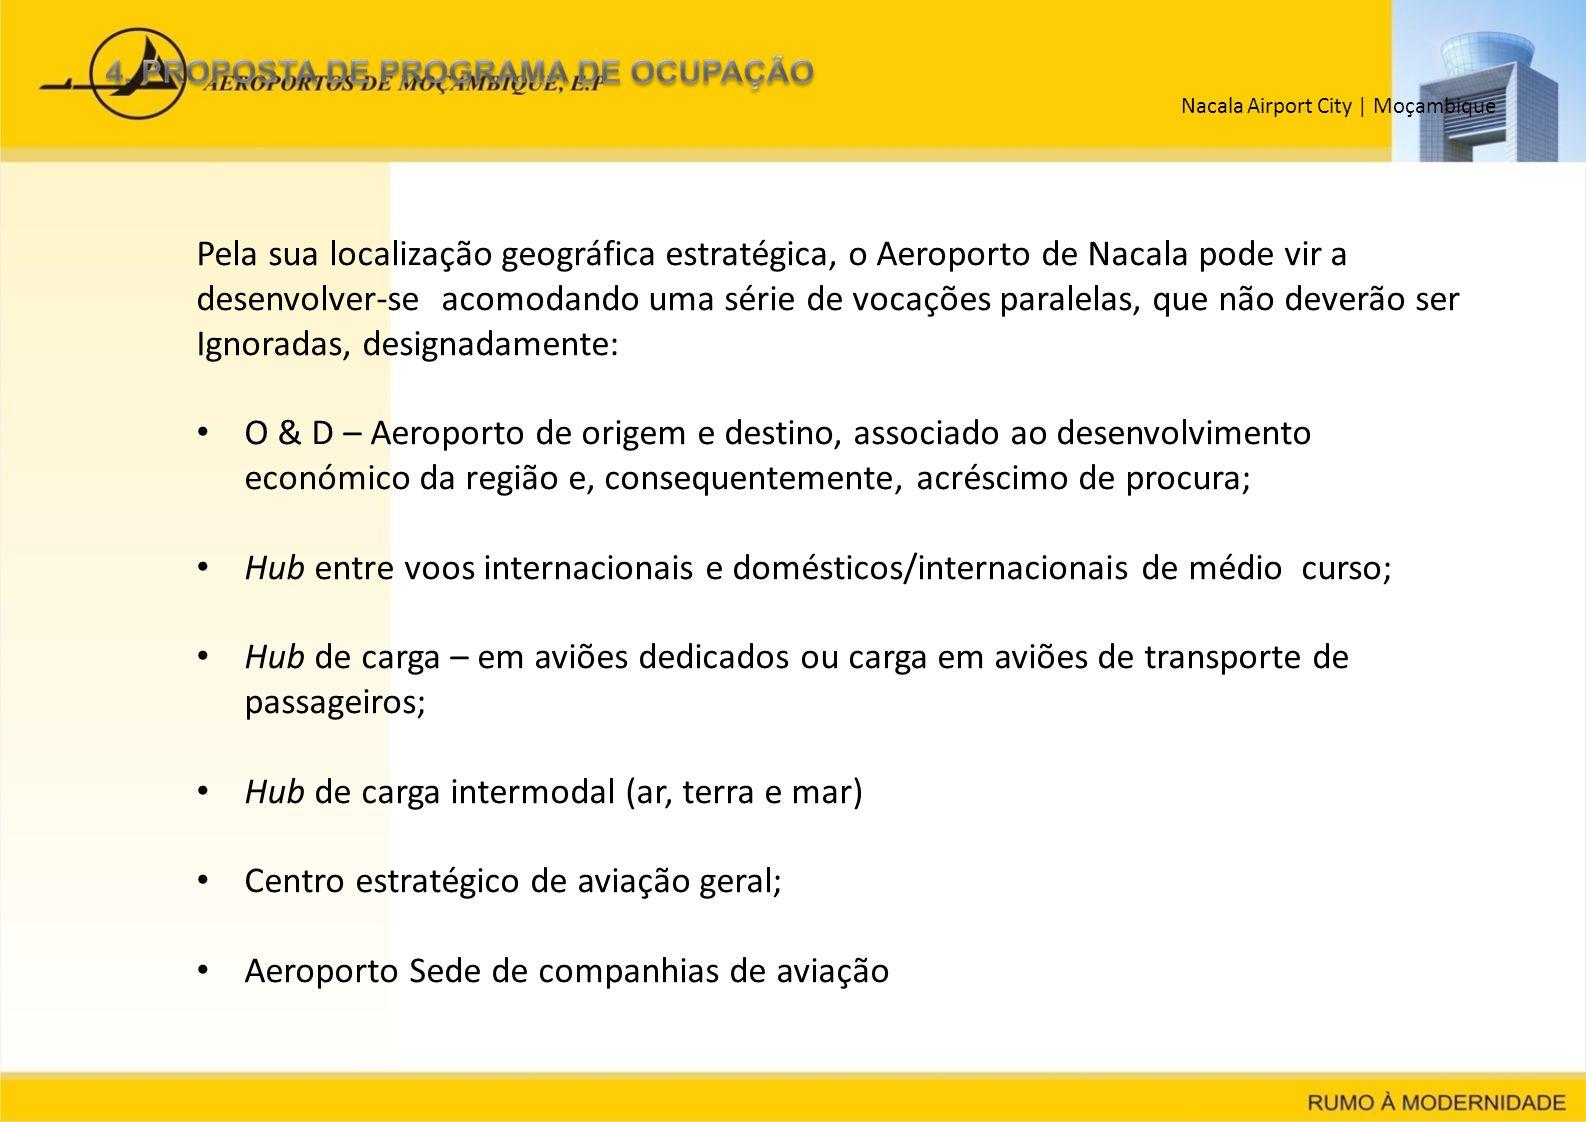 Hub de carga intermodal (ar, terra e mar)